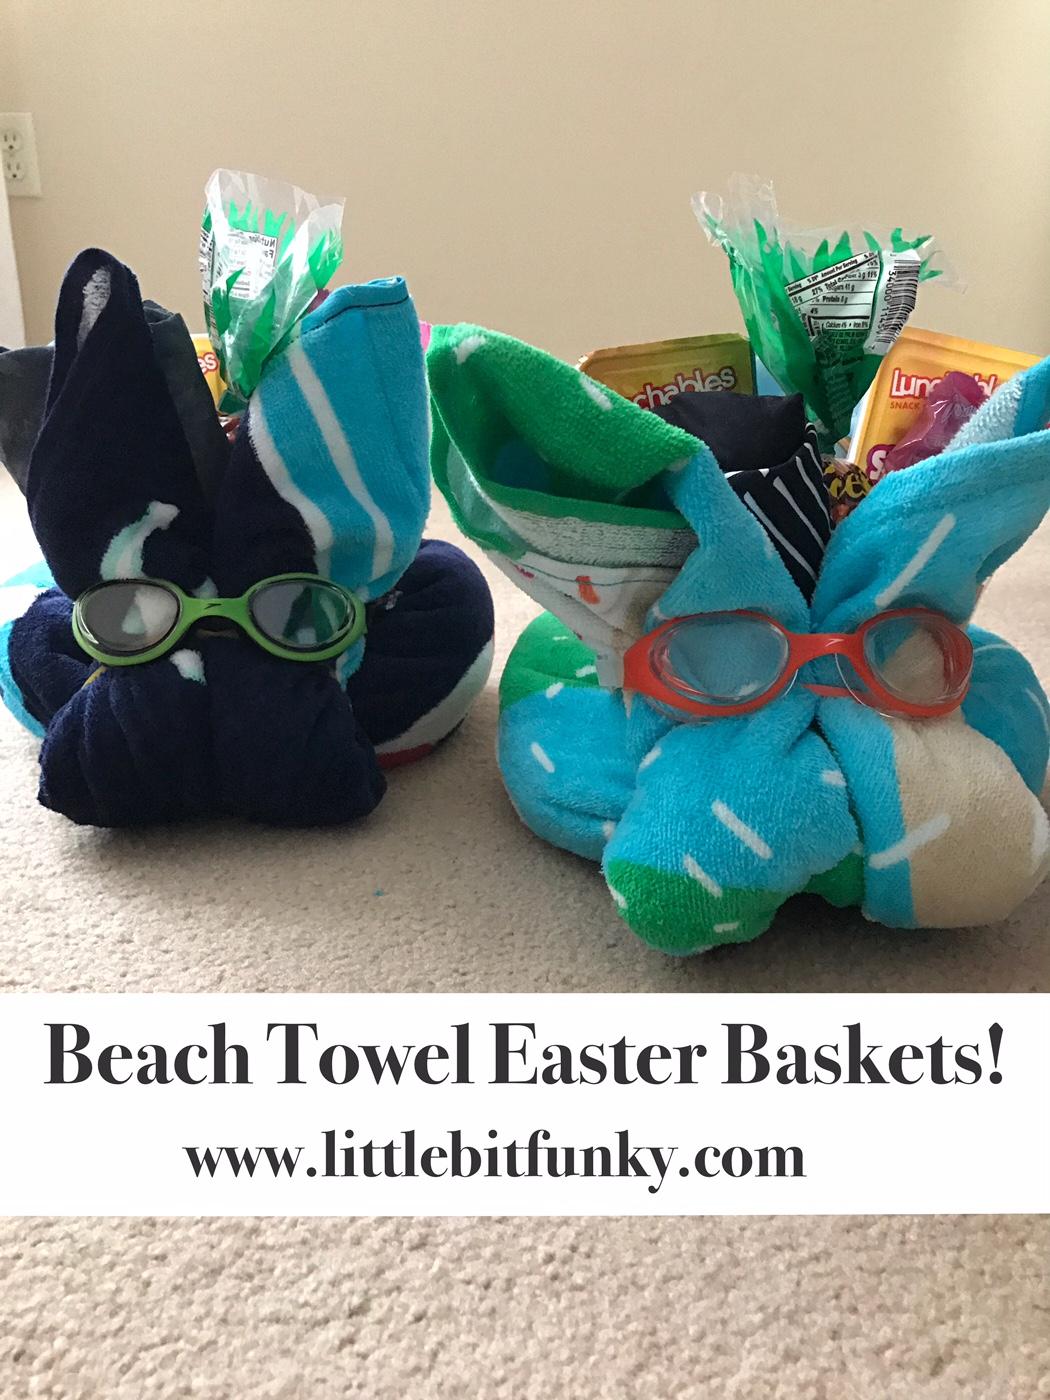 Little bit funky beach towel easter baskets beach towel easter baskets hey friends negle Image collections